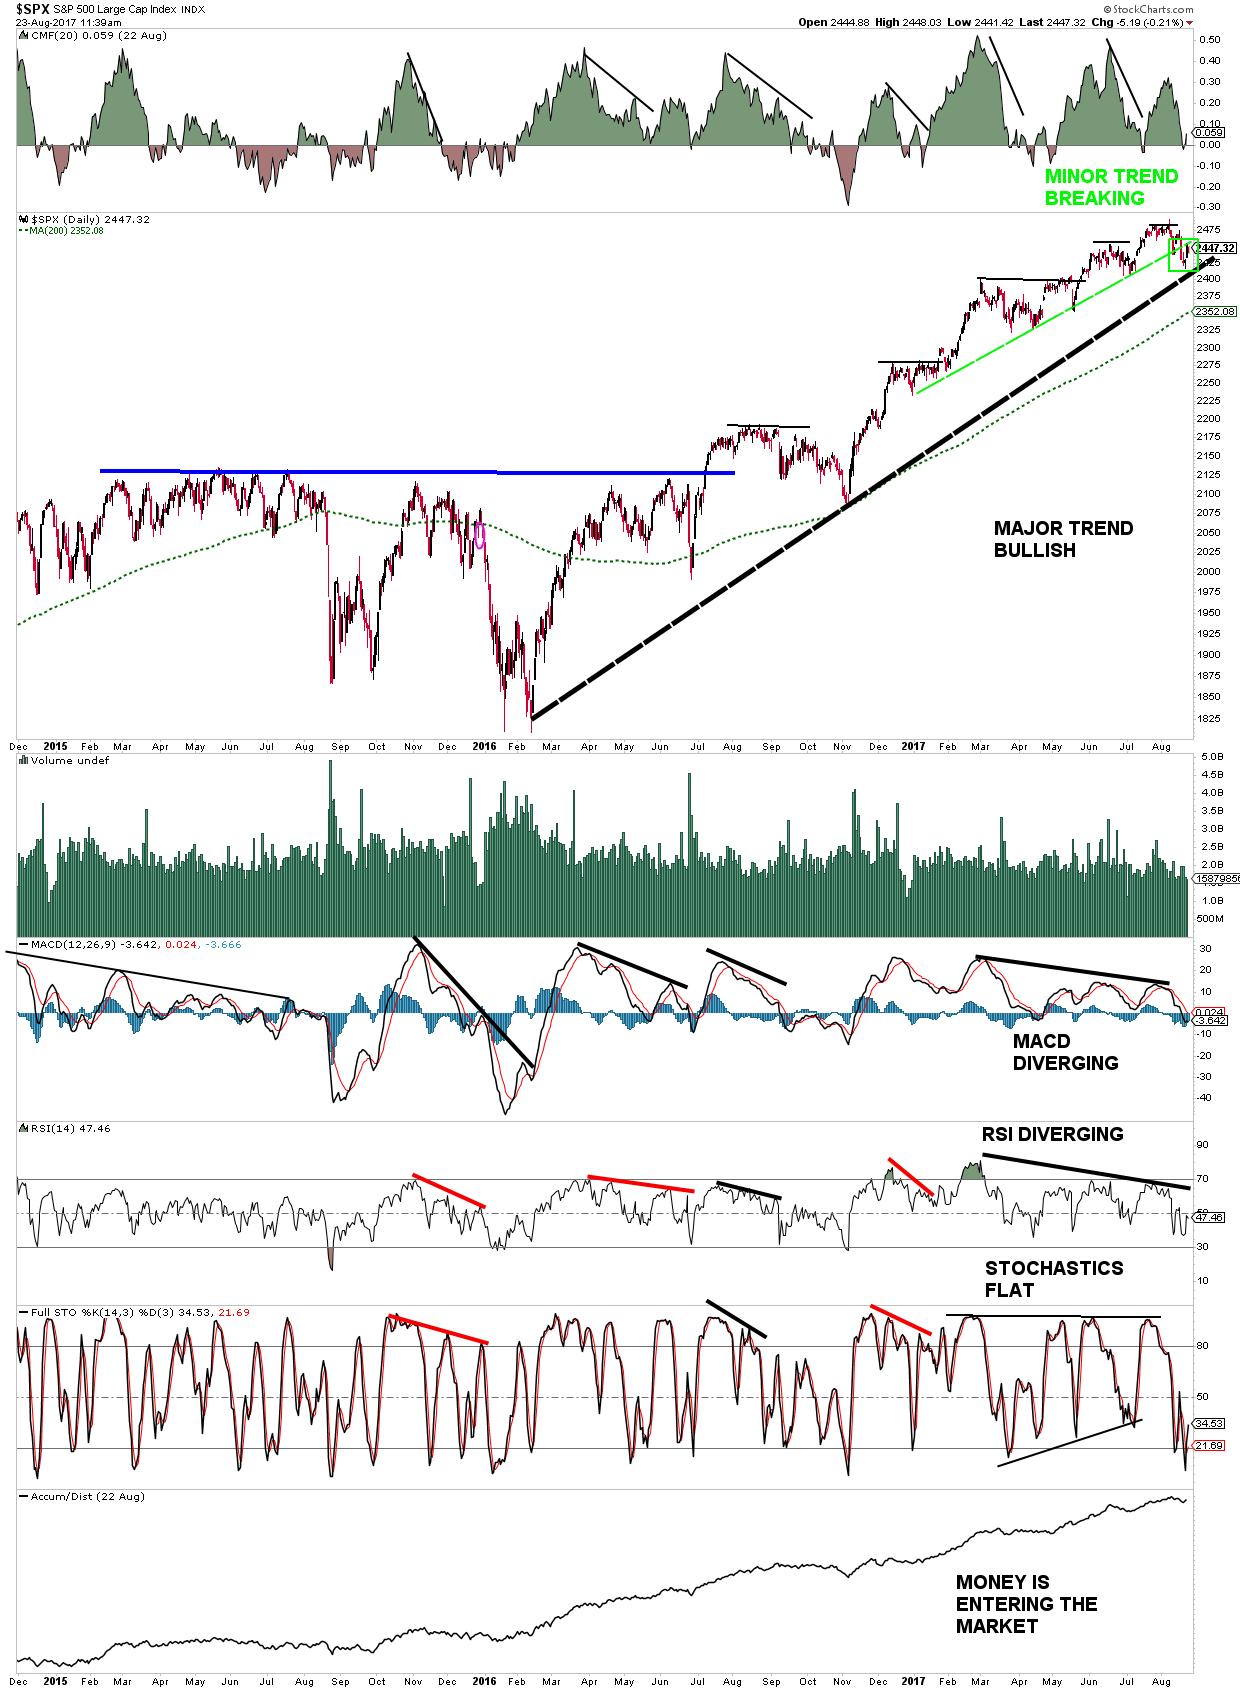 S&P 500 Trend Analysis shows break of minor trendline - major trendline remains intact